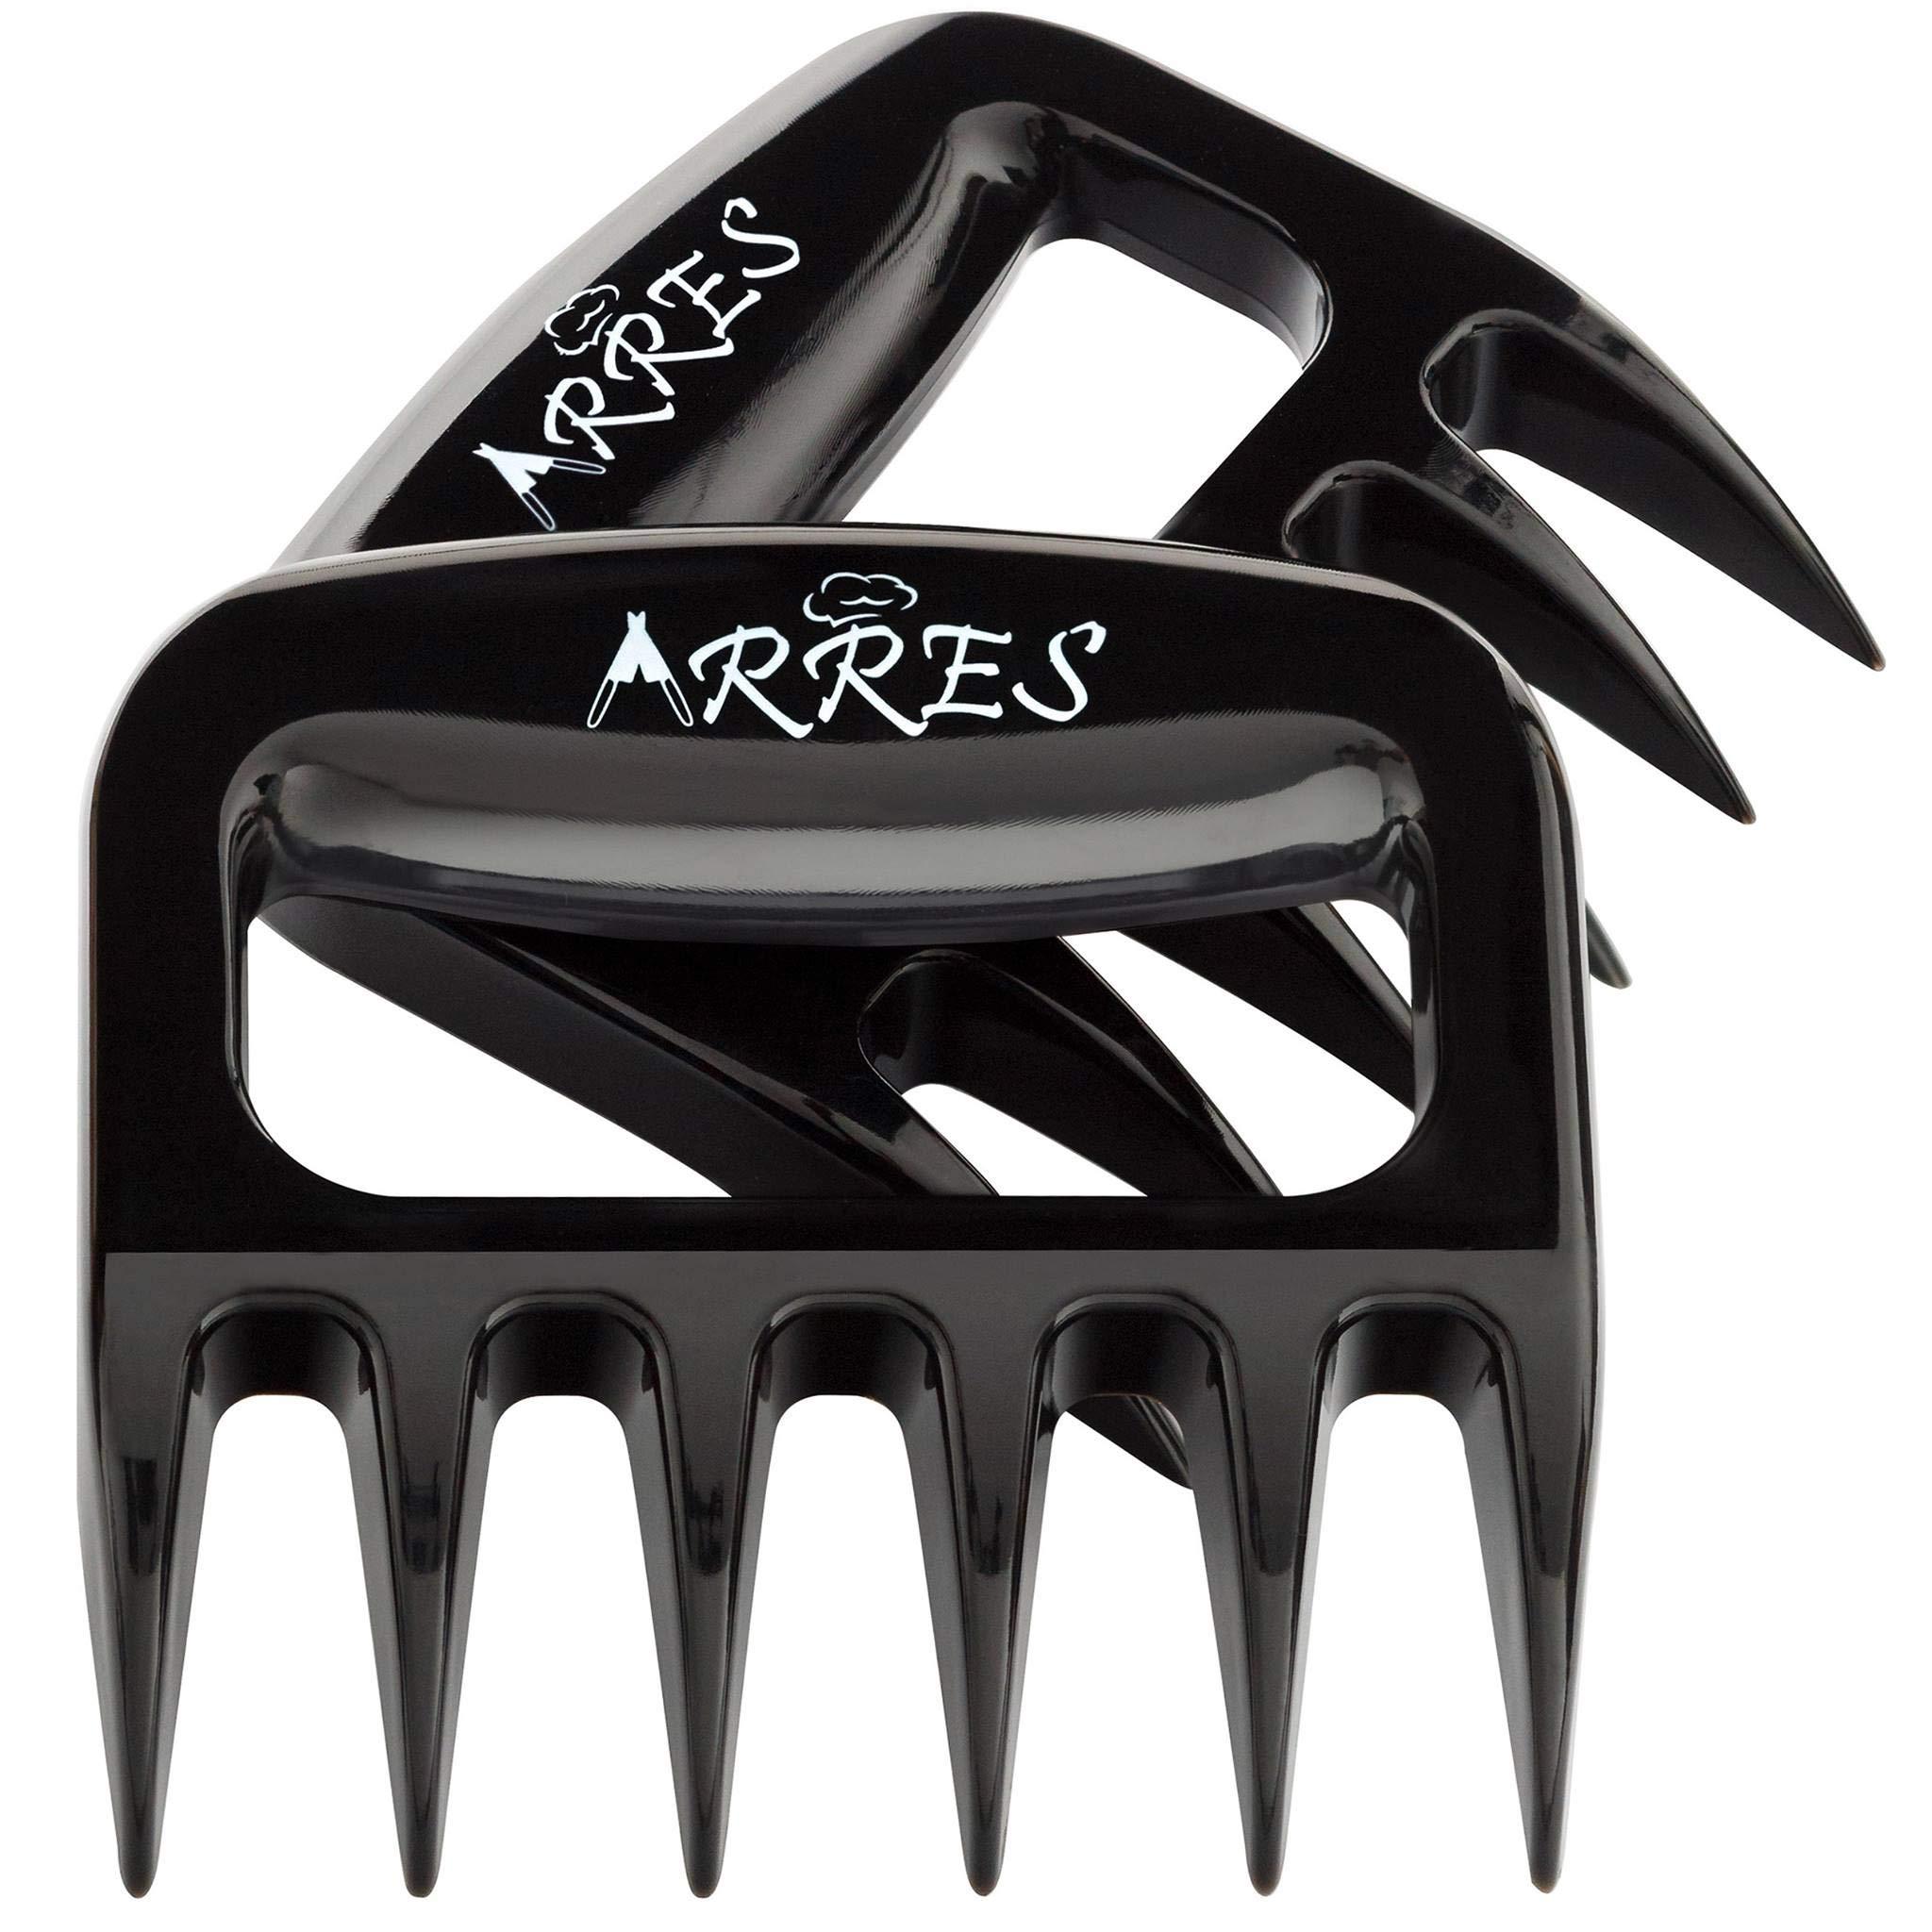 Arres Pulled Pork Claws Shredder